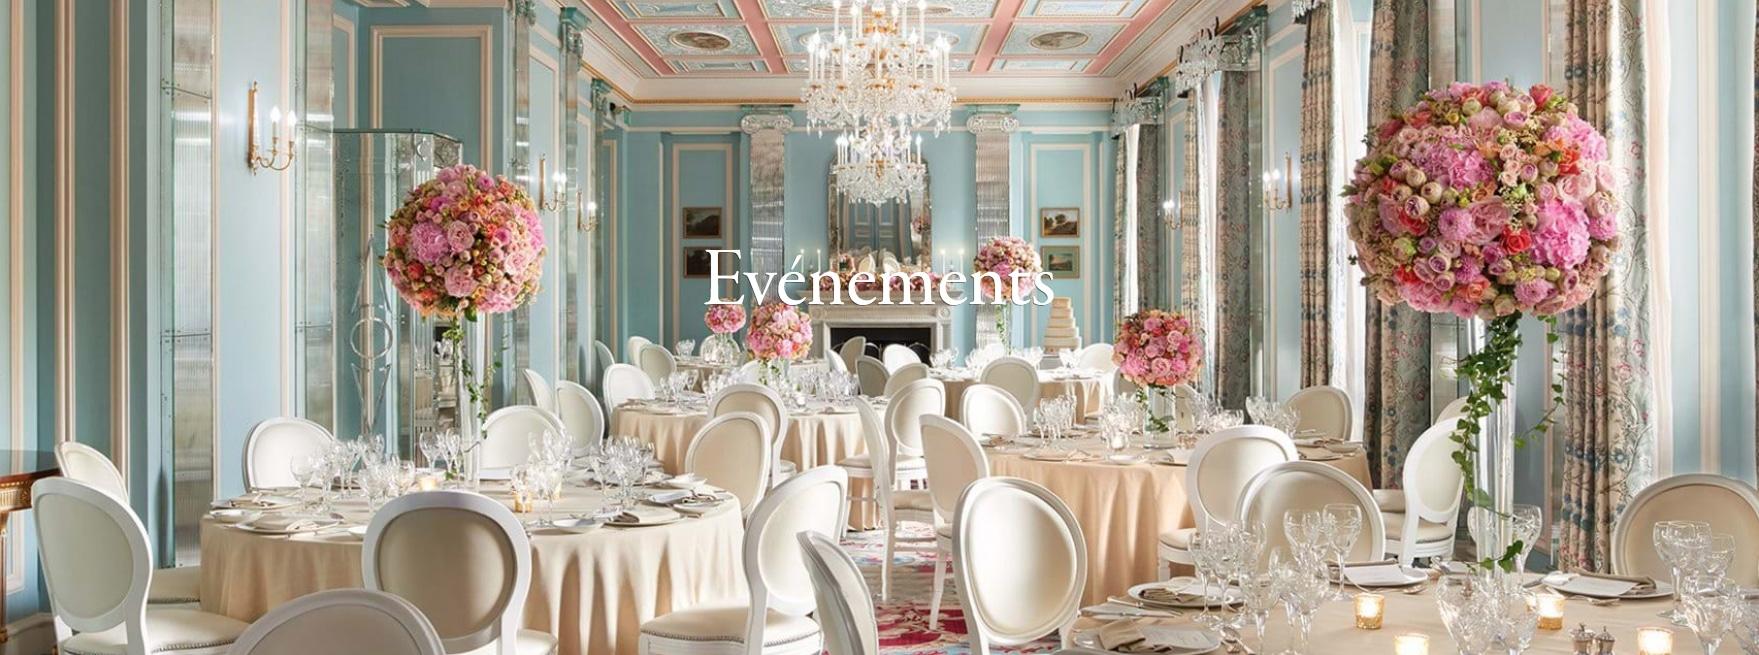 tradition hôtelière européenne pour un lieu à votre image